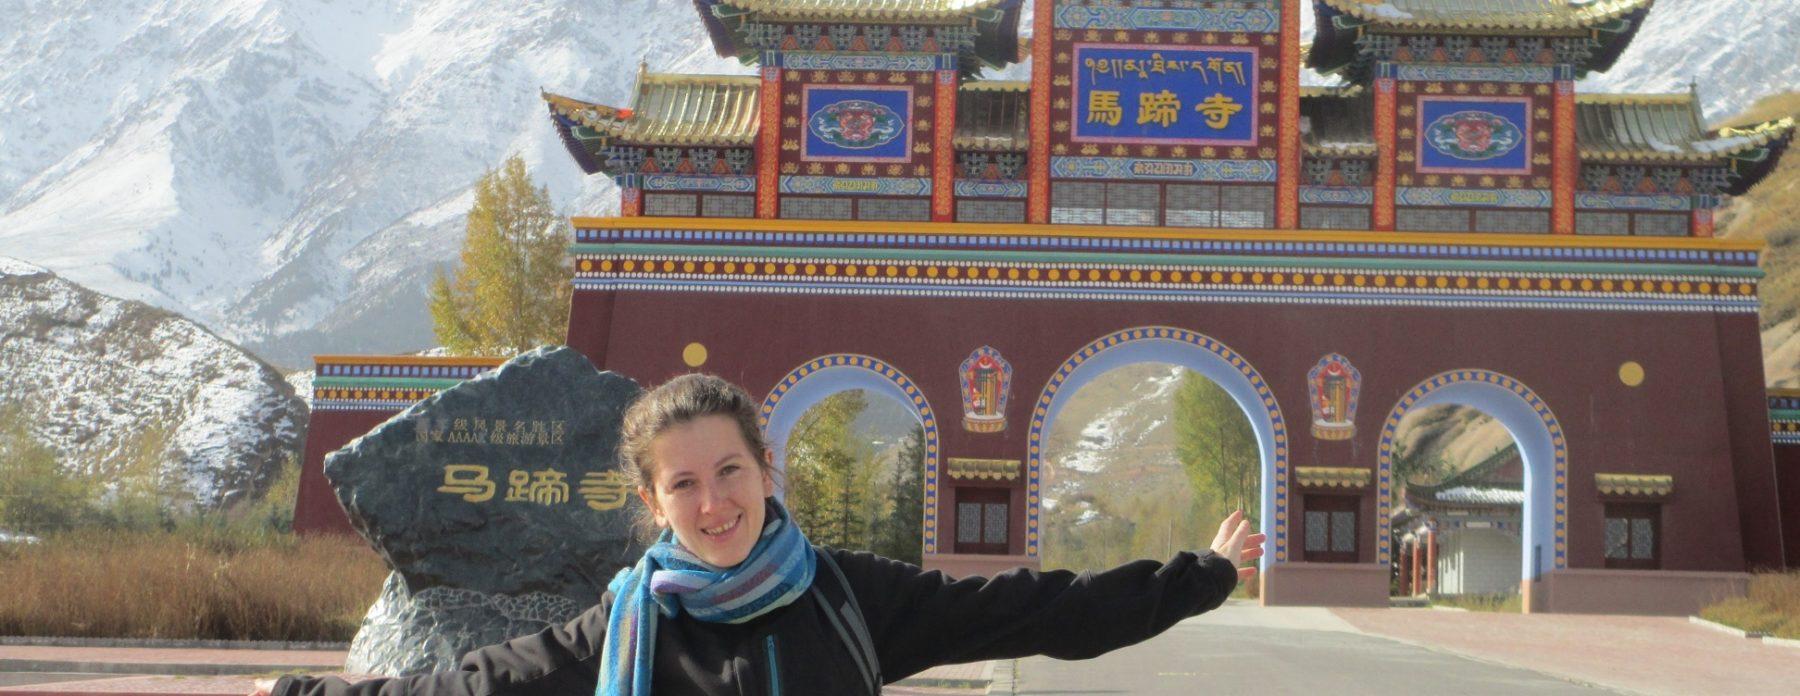 La Ragazza con la Valigia in Cina